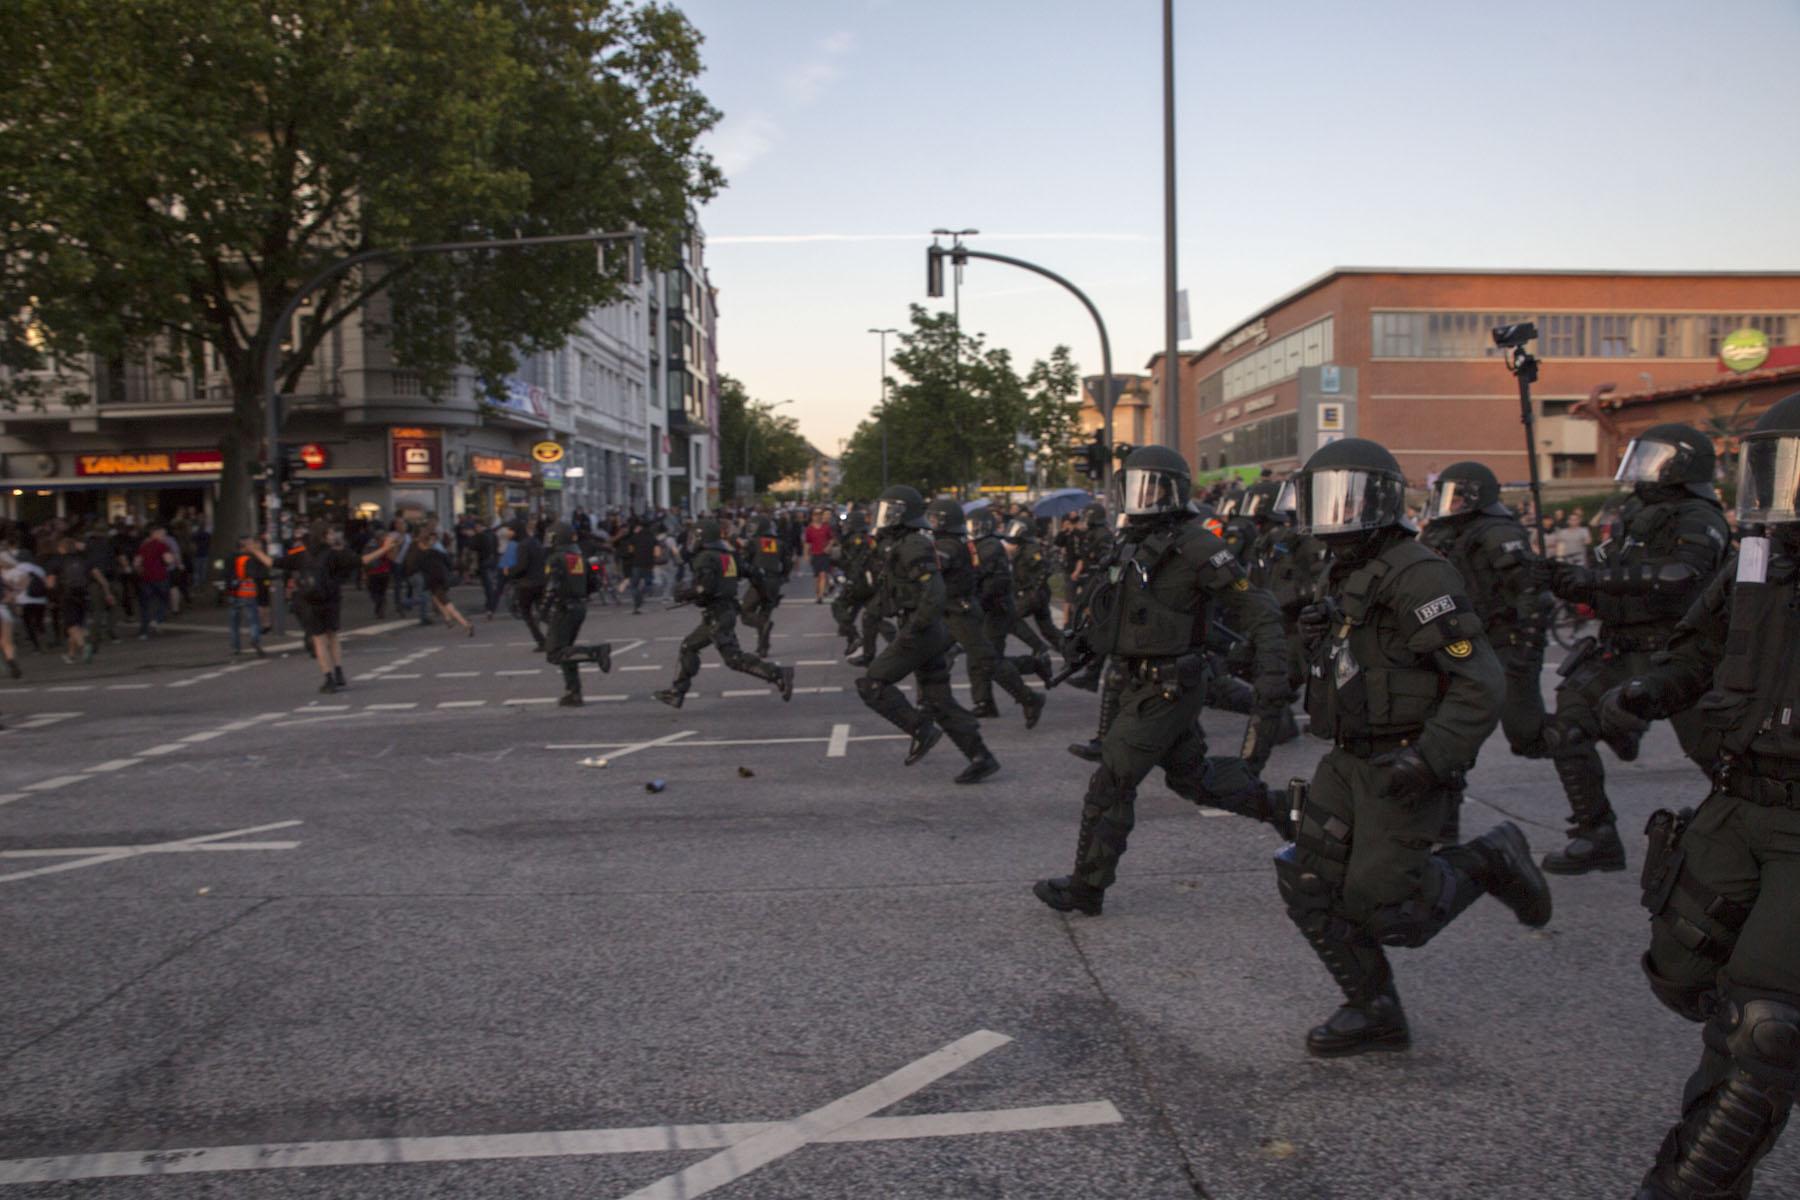 Hamburgo durante la cumbre del G20 barricadas fuego violencia policial saqueos